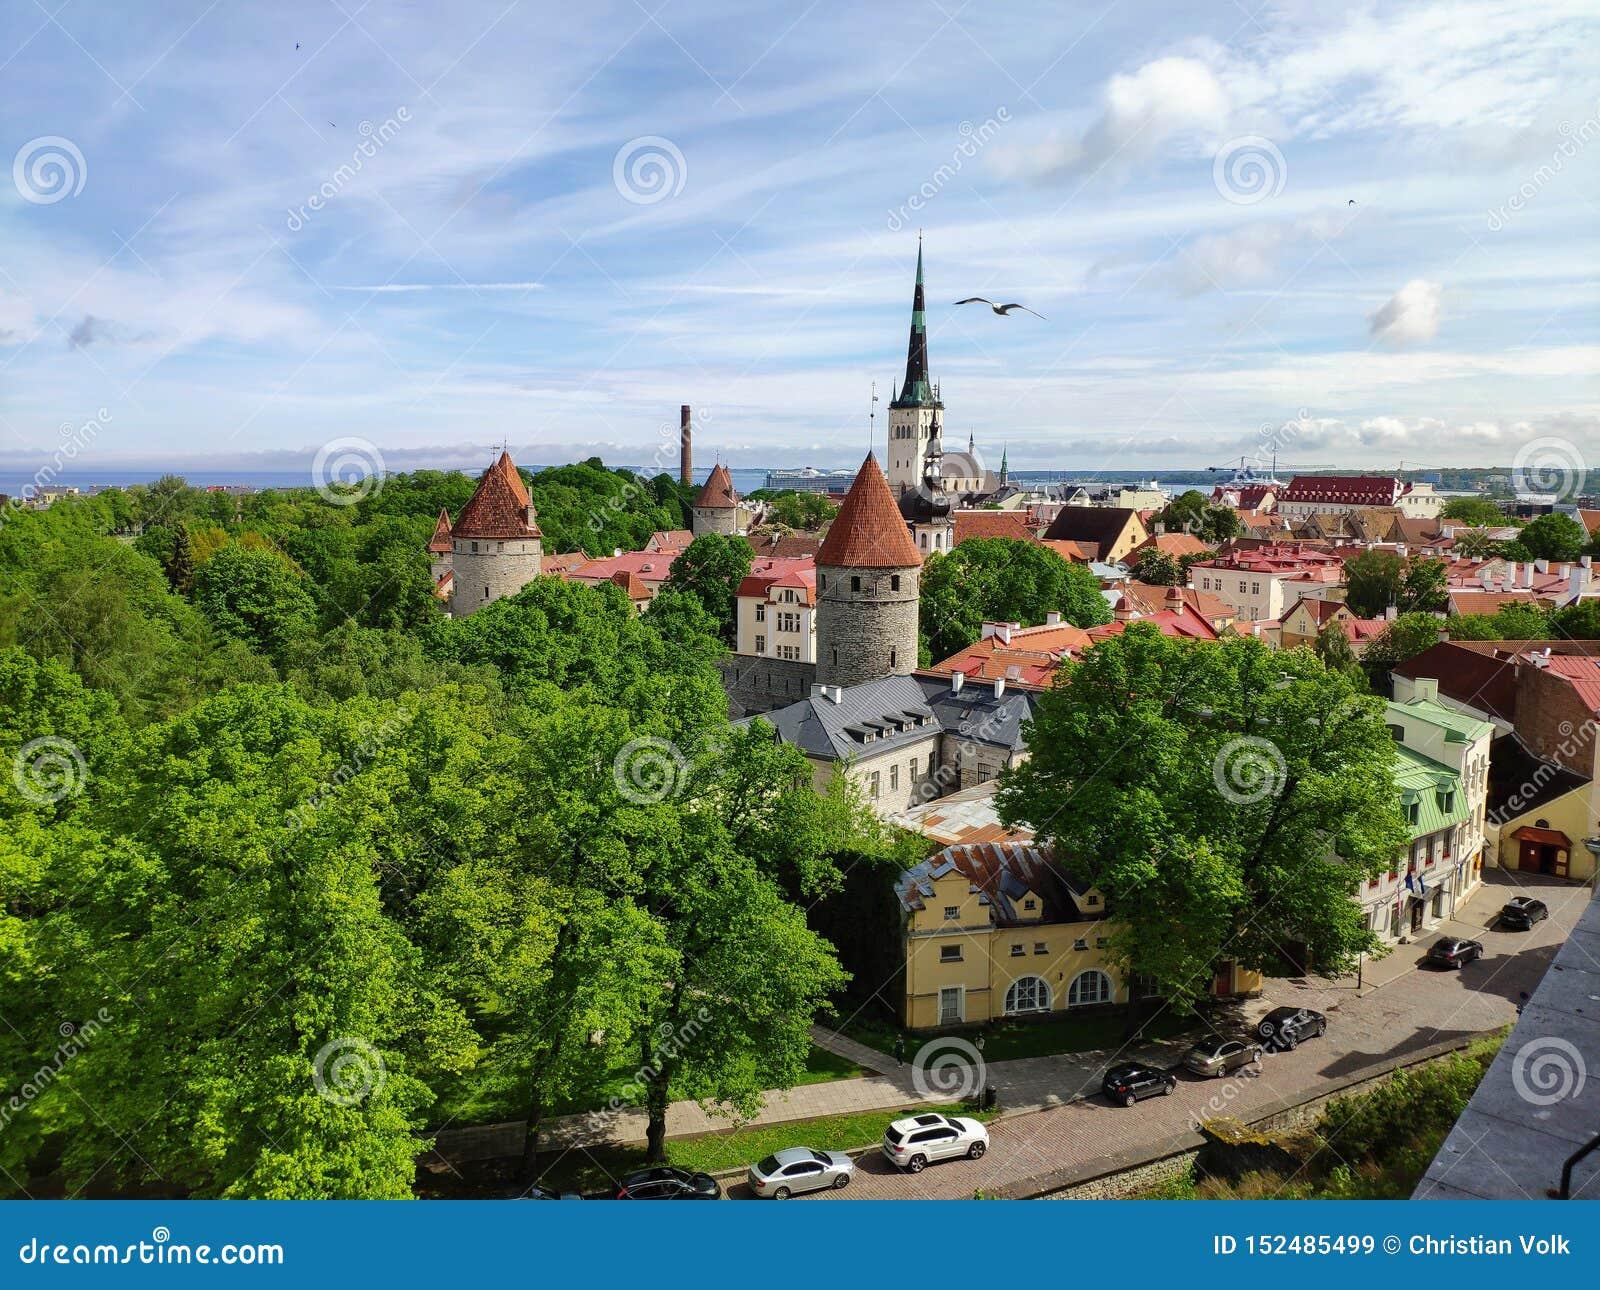 Old town - Tallinn